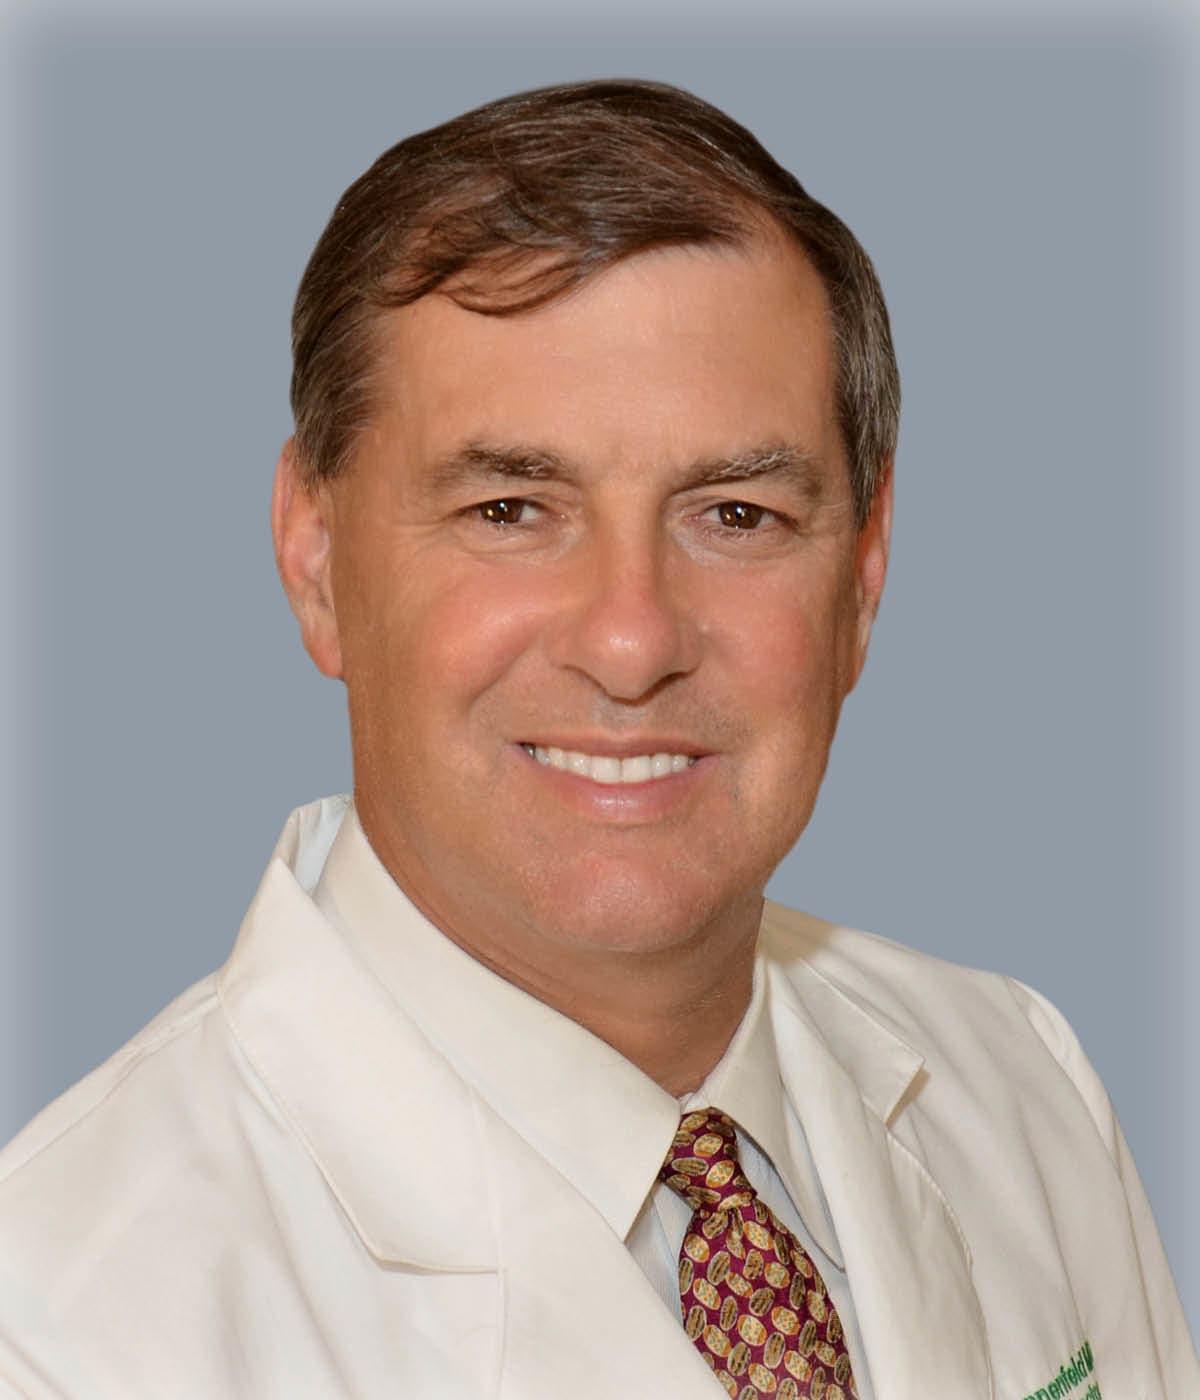 Dr. Eric D Donnenfeld MD